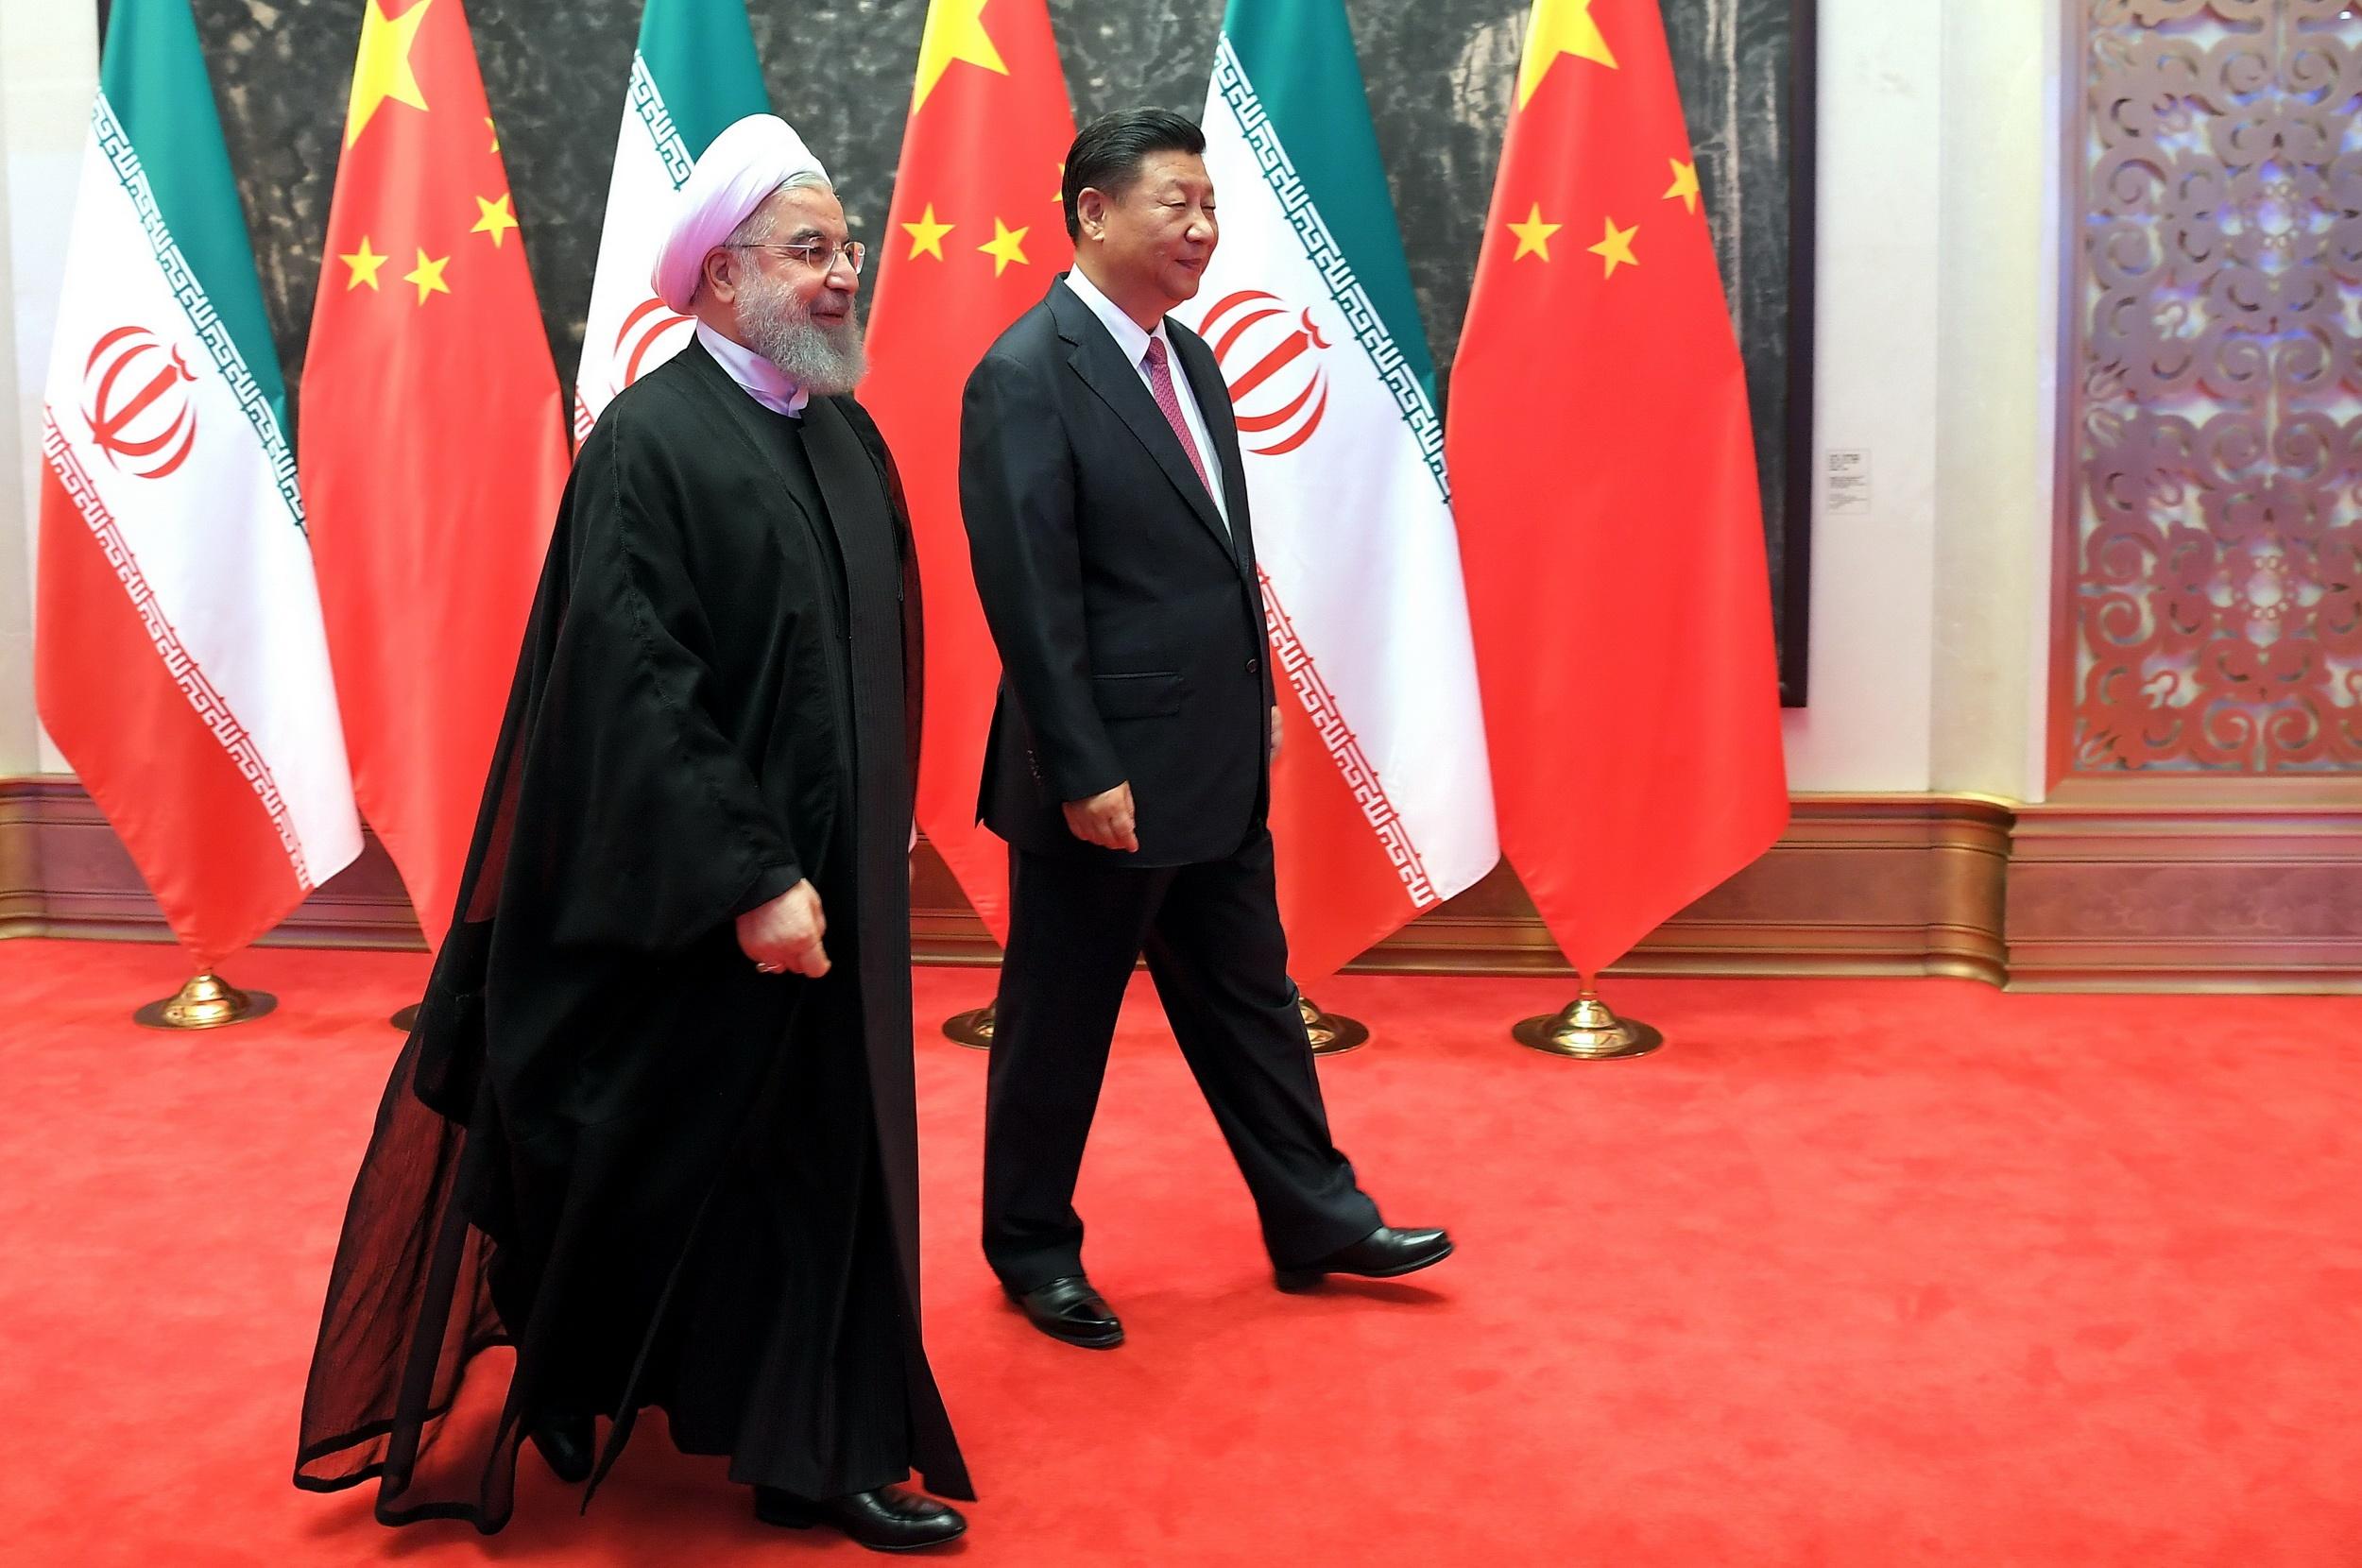 واماندگی واشنگتن در مقابل مشارکت راهبردی تهران - پکن